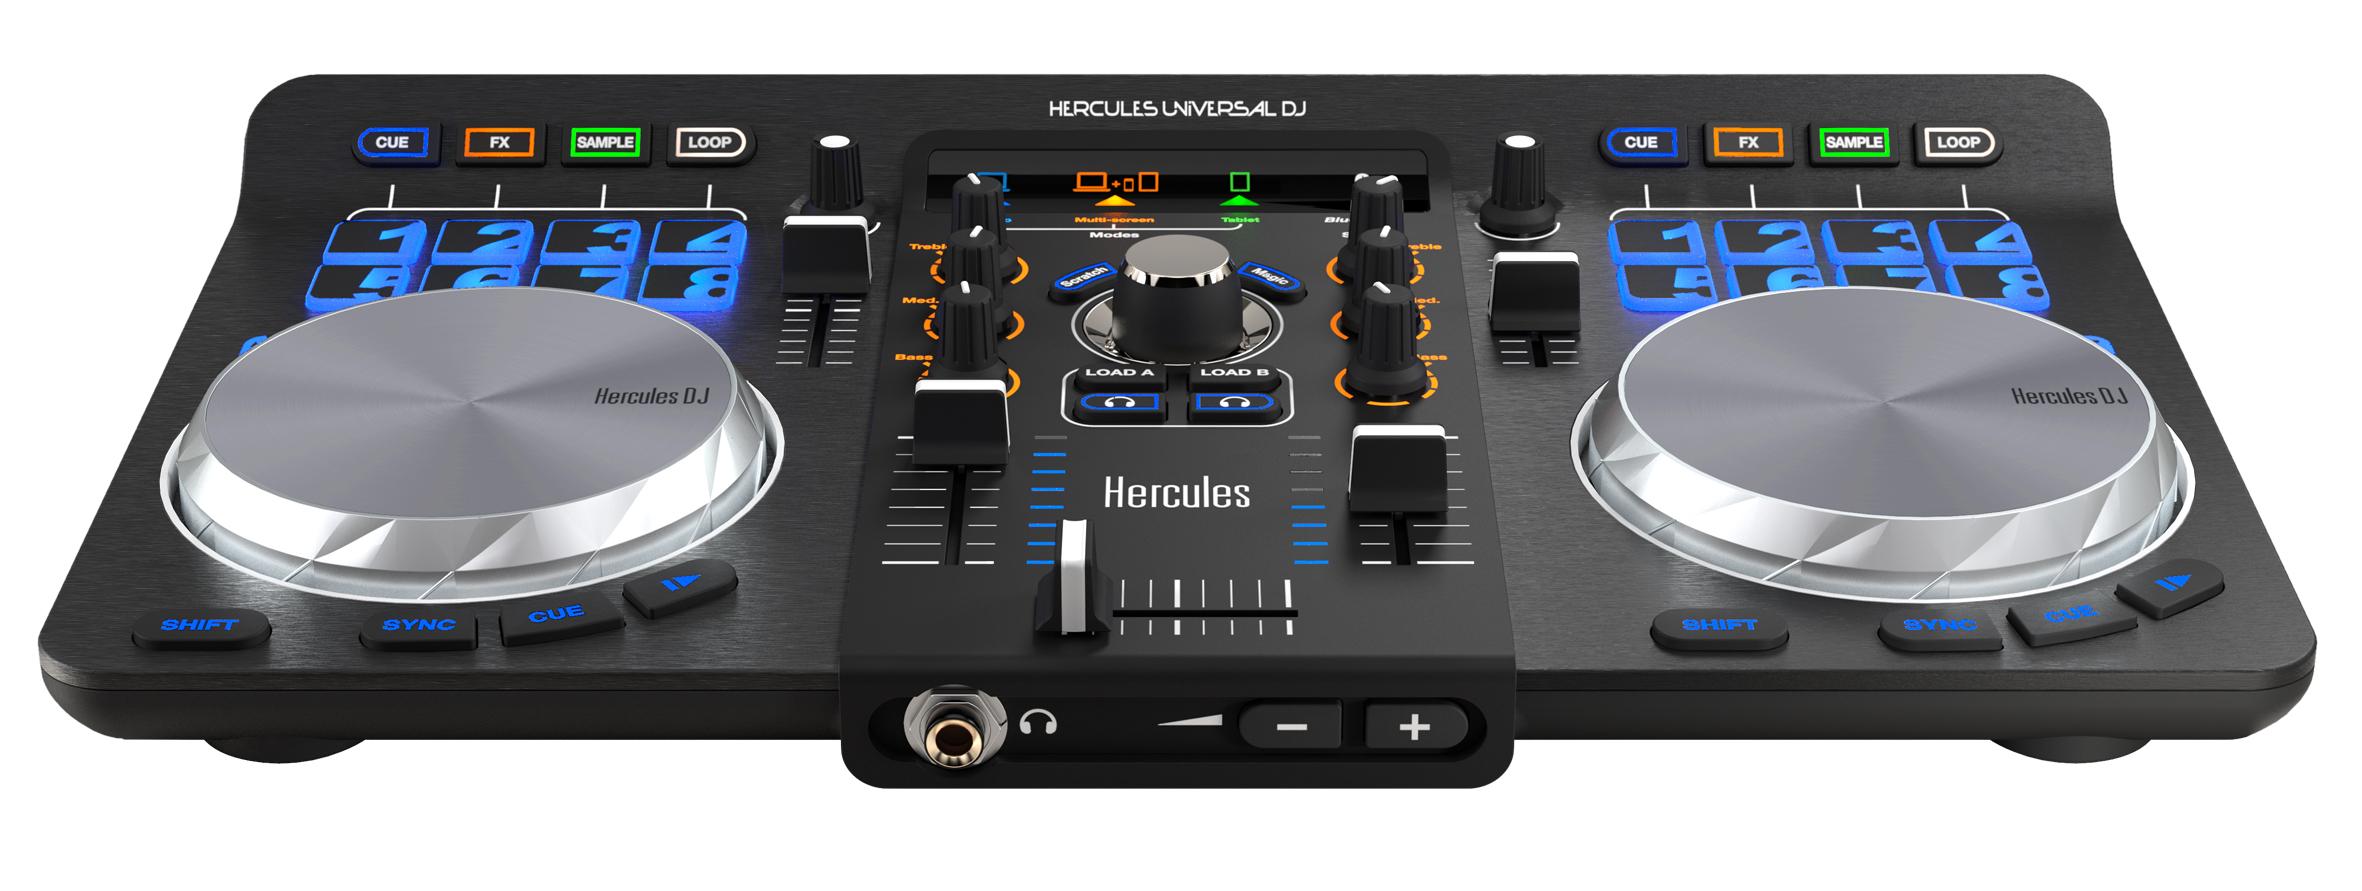 table de mixage hercules universal dj